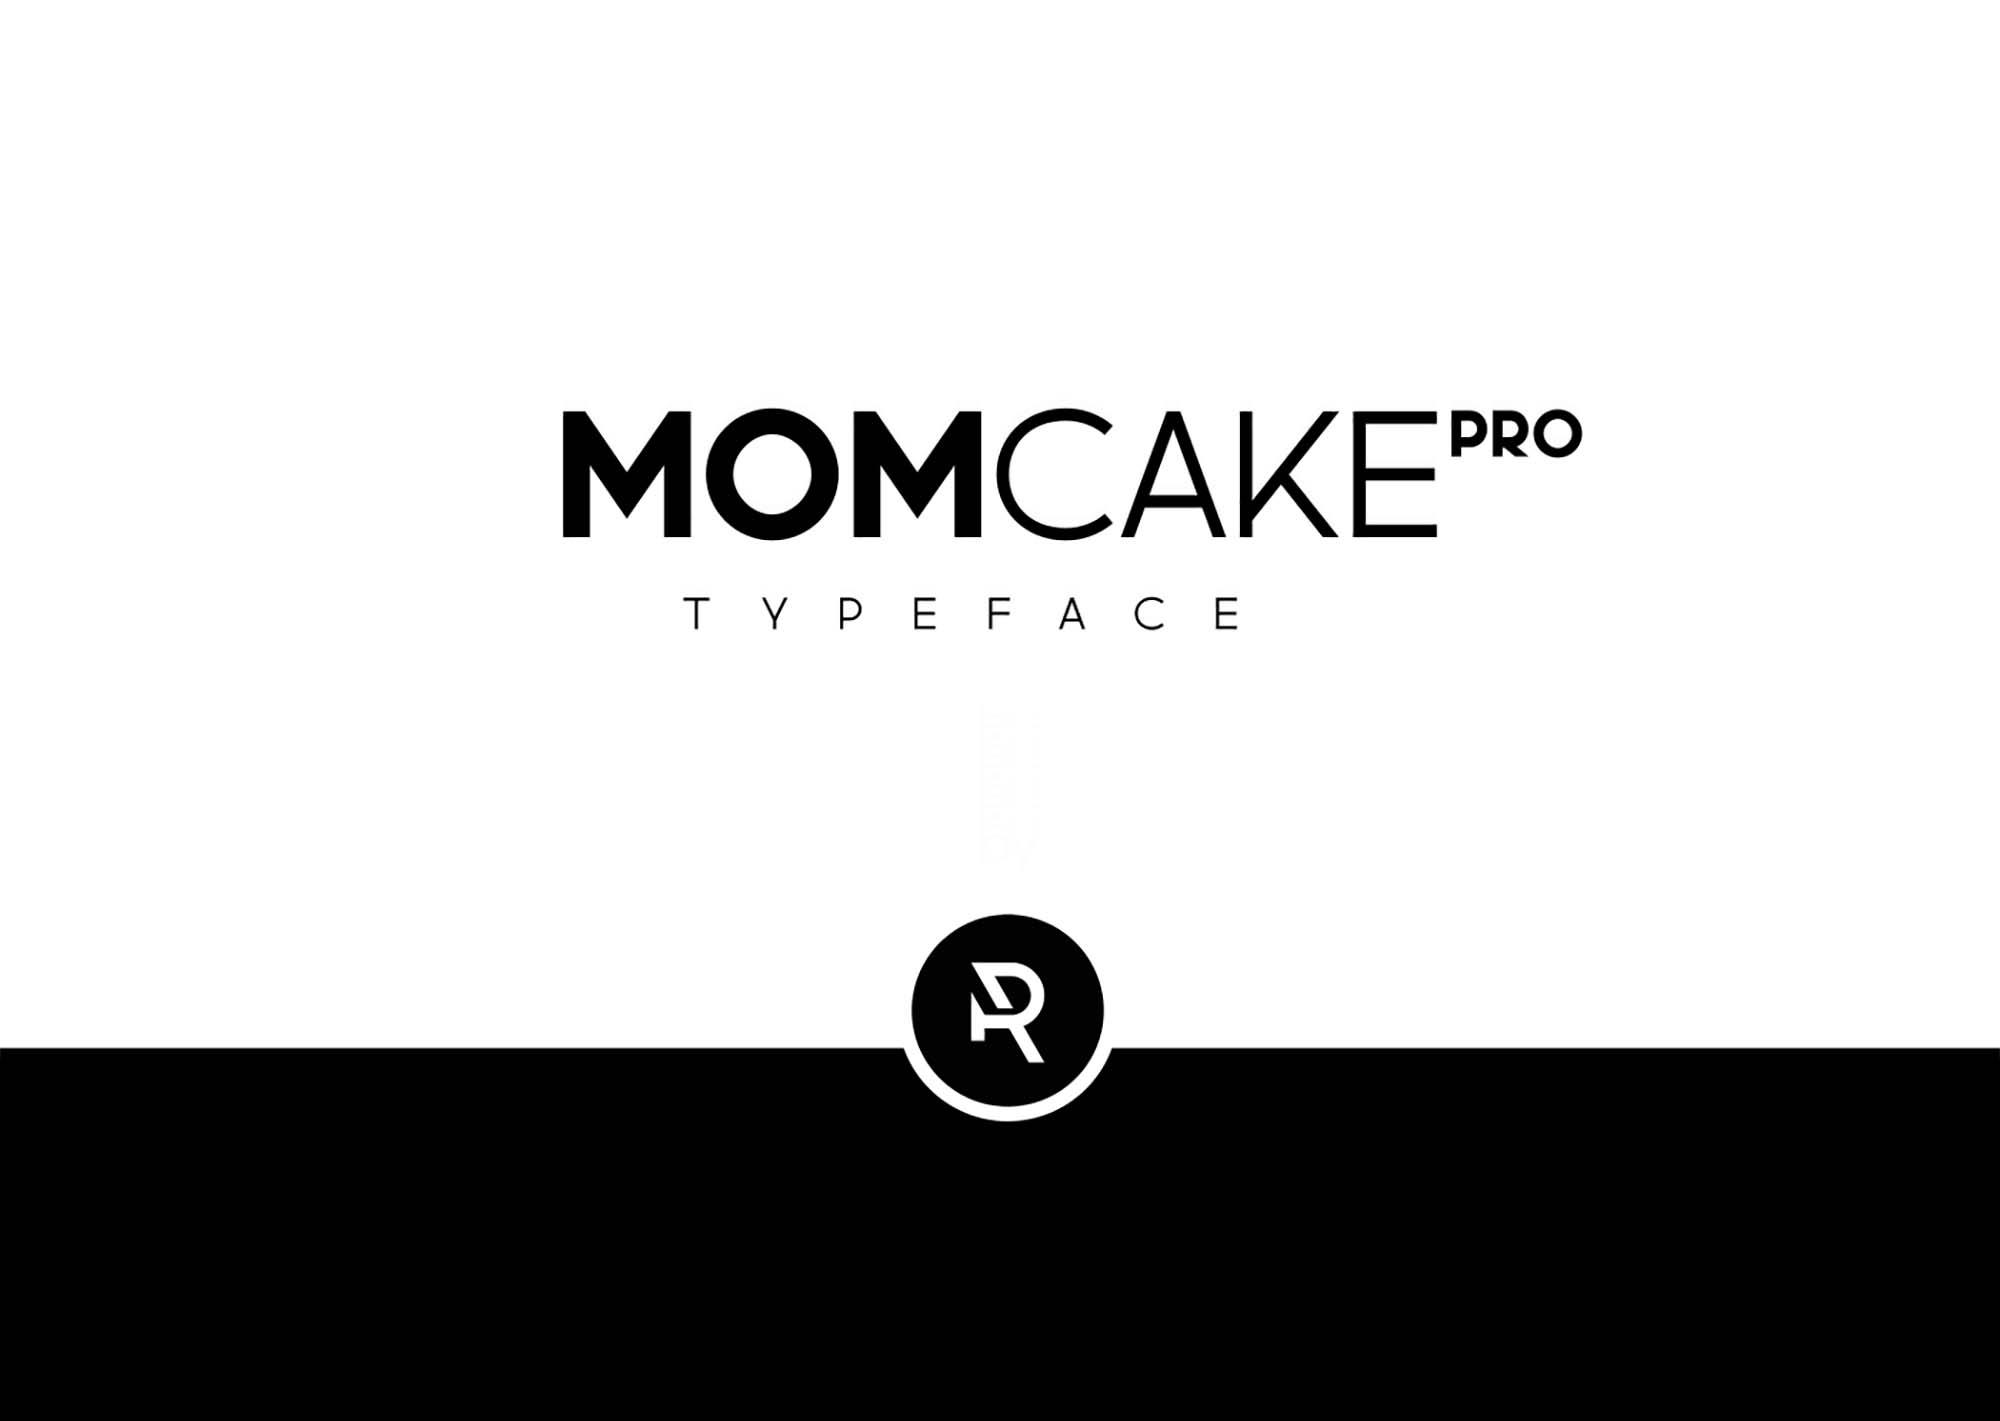 Momcake Sans Serif Font